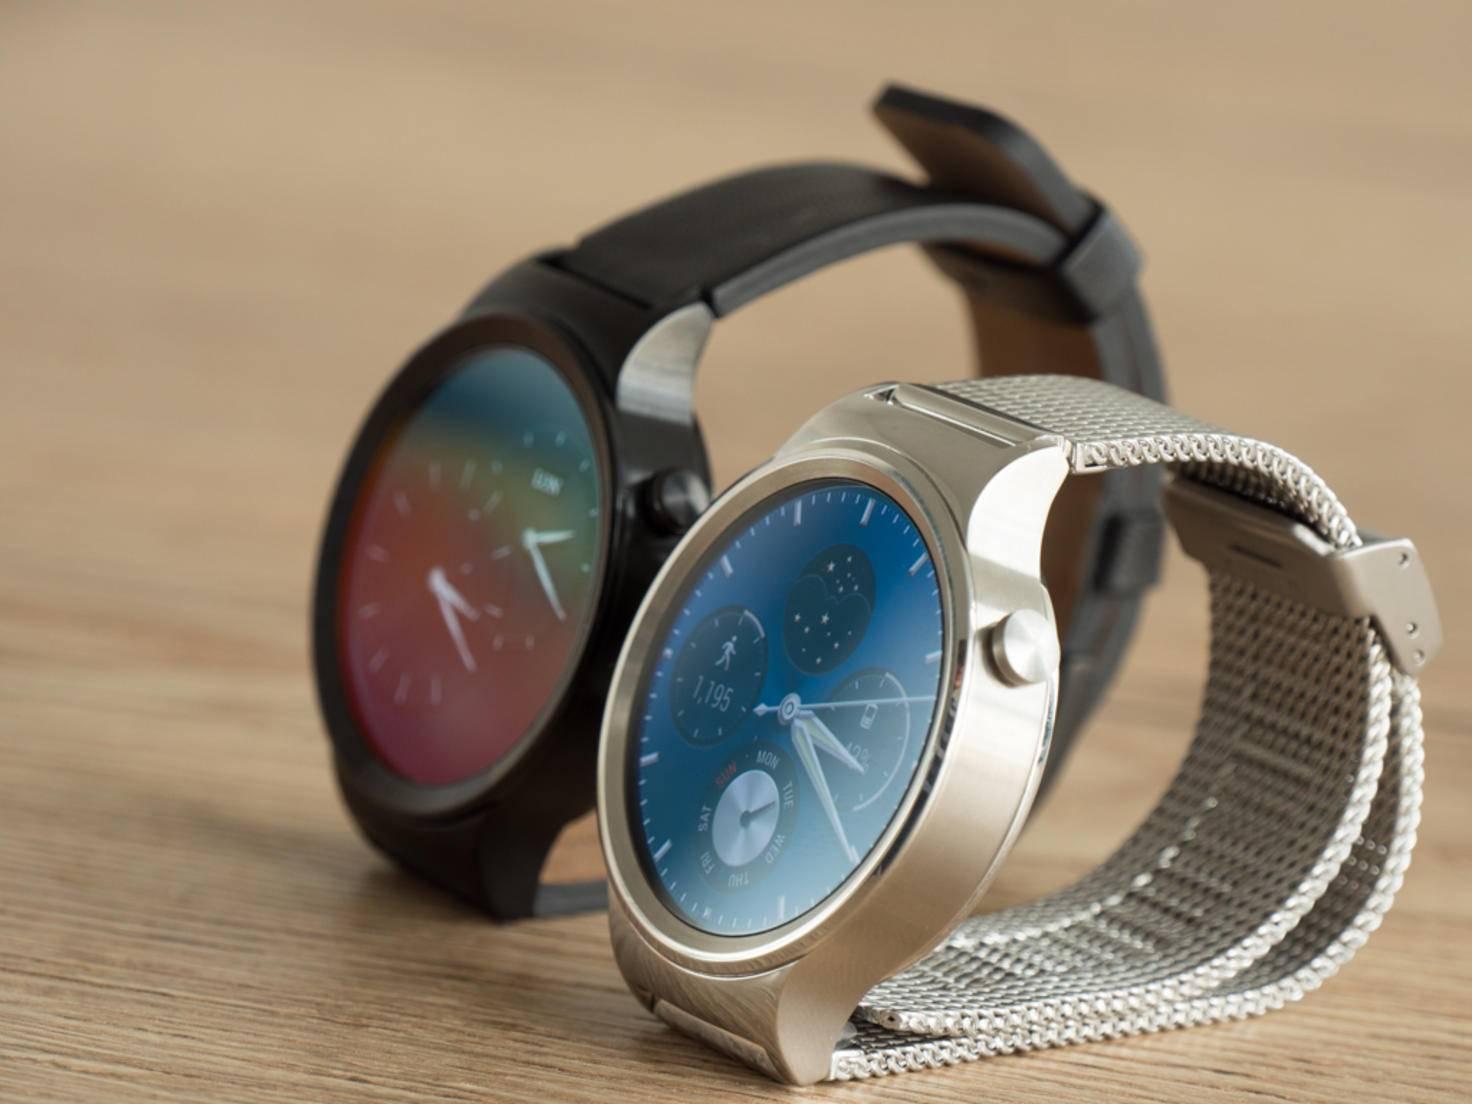 Die Huawei Watch ist in drei Varianten erhältlich: Classic, Active und Elite.